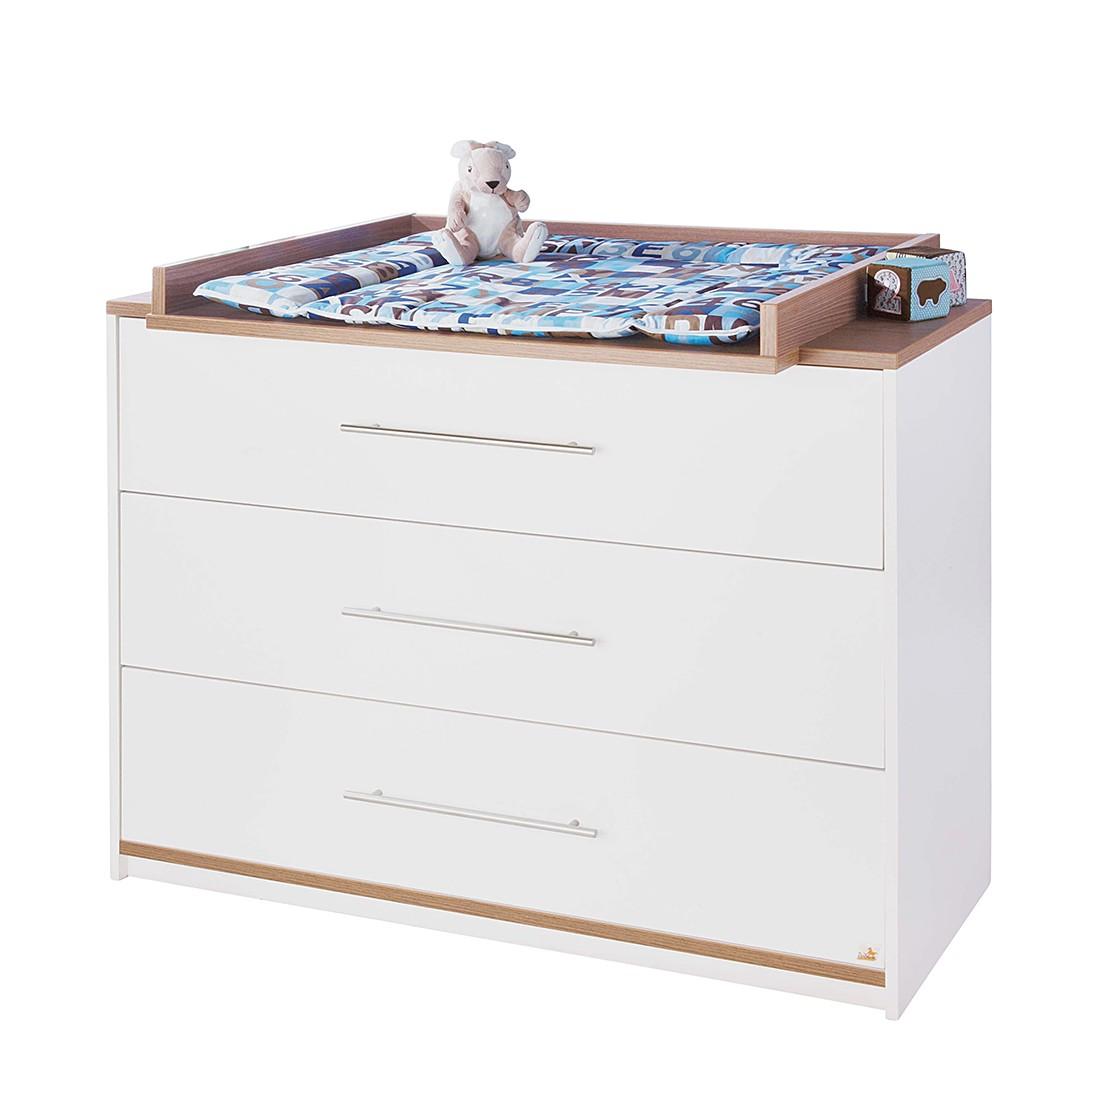 allgemein online kaufen. Black Bedroom Furniture Sets. Home Design Ideas